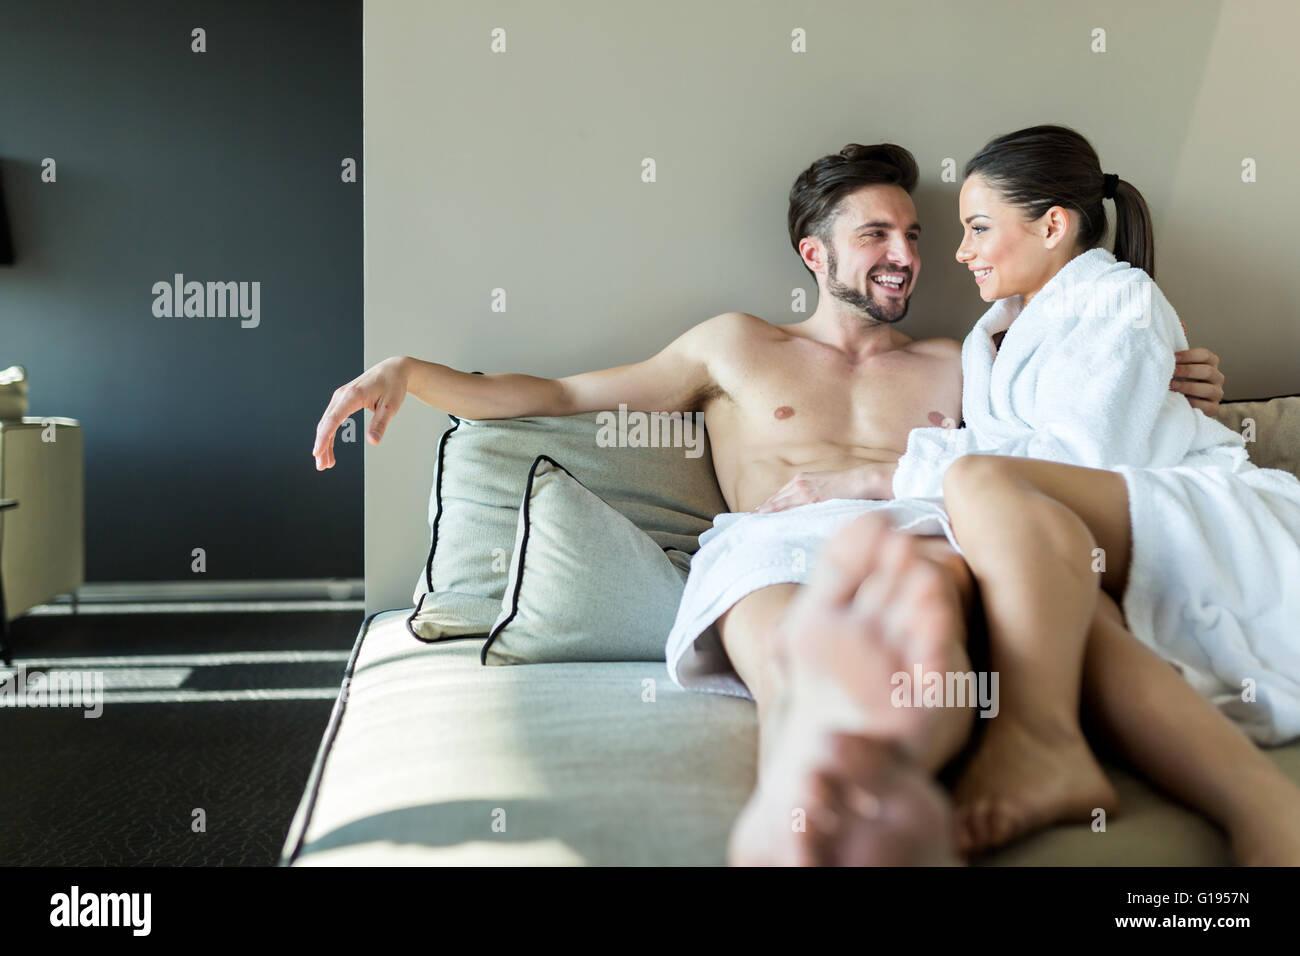 Pareja encantadora relajante en un centro de bienestar, sentando en una toalla y rob Imagen De Stock